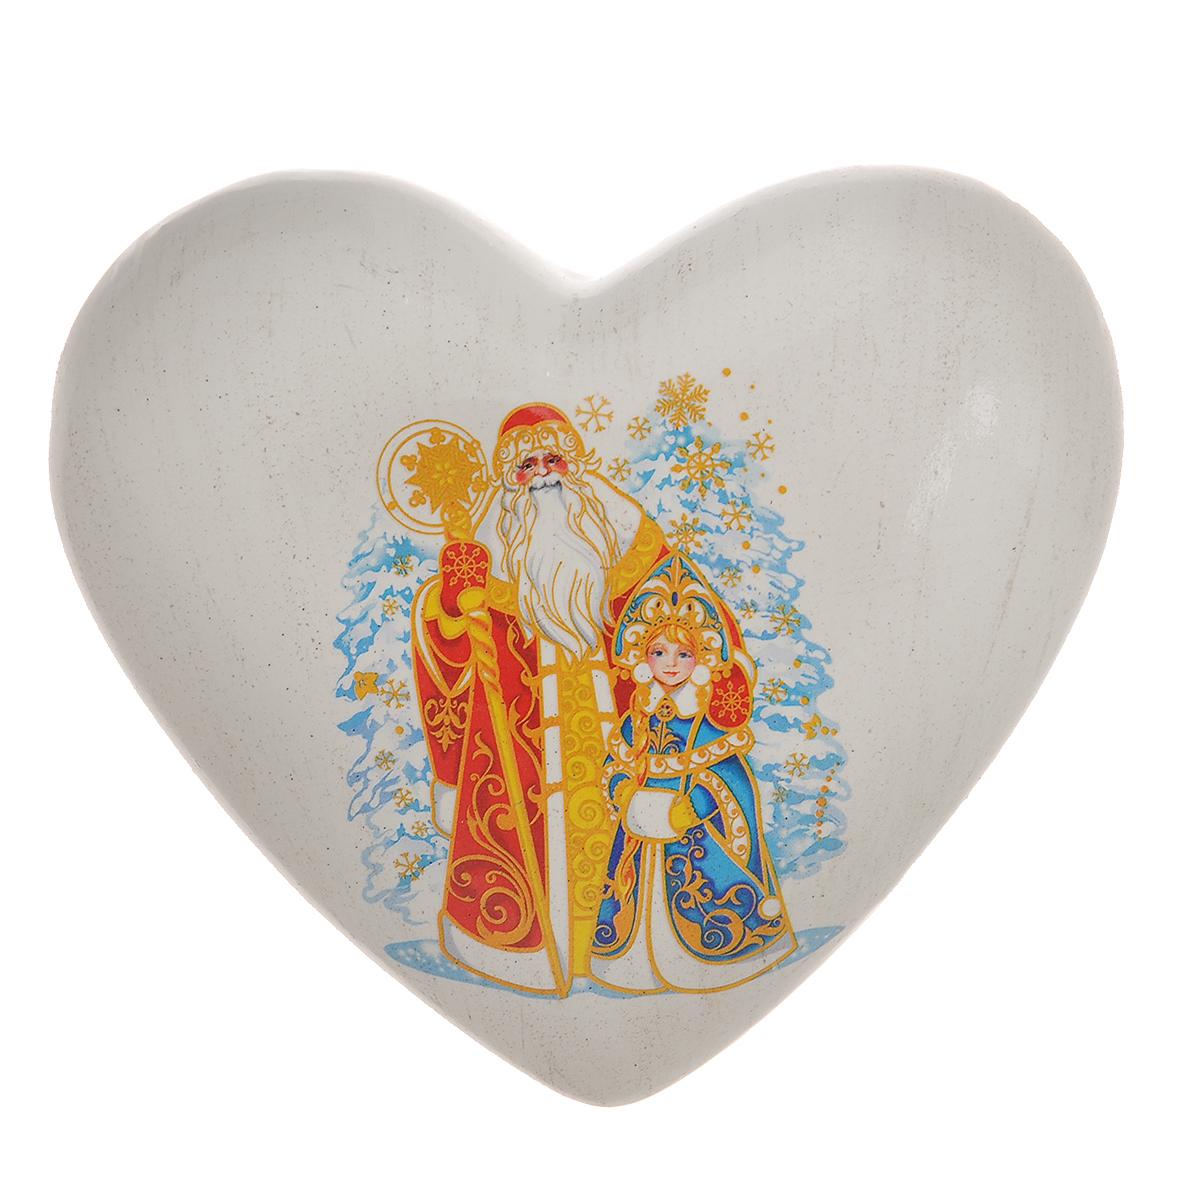 Украшение декоративное Новогоднее сердце. 2607026070Декоративное украшение Новогоднее сердце поможет украсить дом к праздникам. Фигурка выполнена из керамики в форме сердца и оформлена изображением деда Мороза и Снегурочки. Вы можете поставить украшение в любом месте, где оно будет удачно смотреться, и радовать глаз. Так же фигурку можно повесить на стену с помощью специального отверстия. Такое украшение станет великолепным новогодним сувениром.